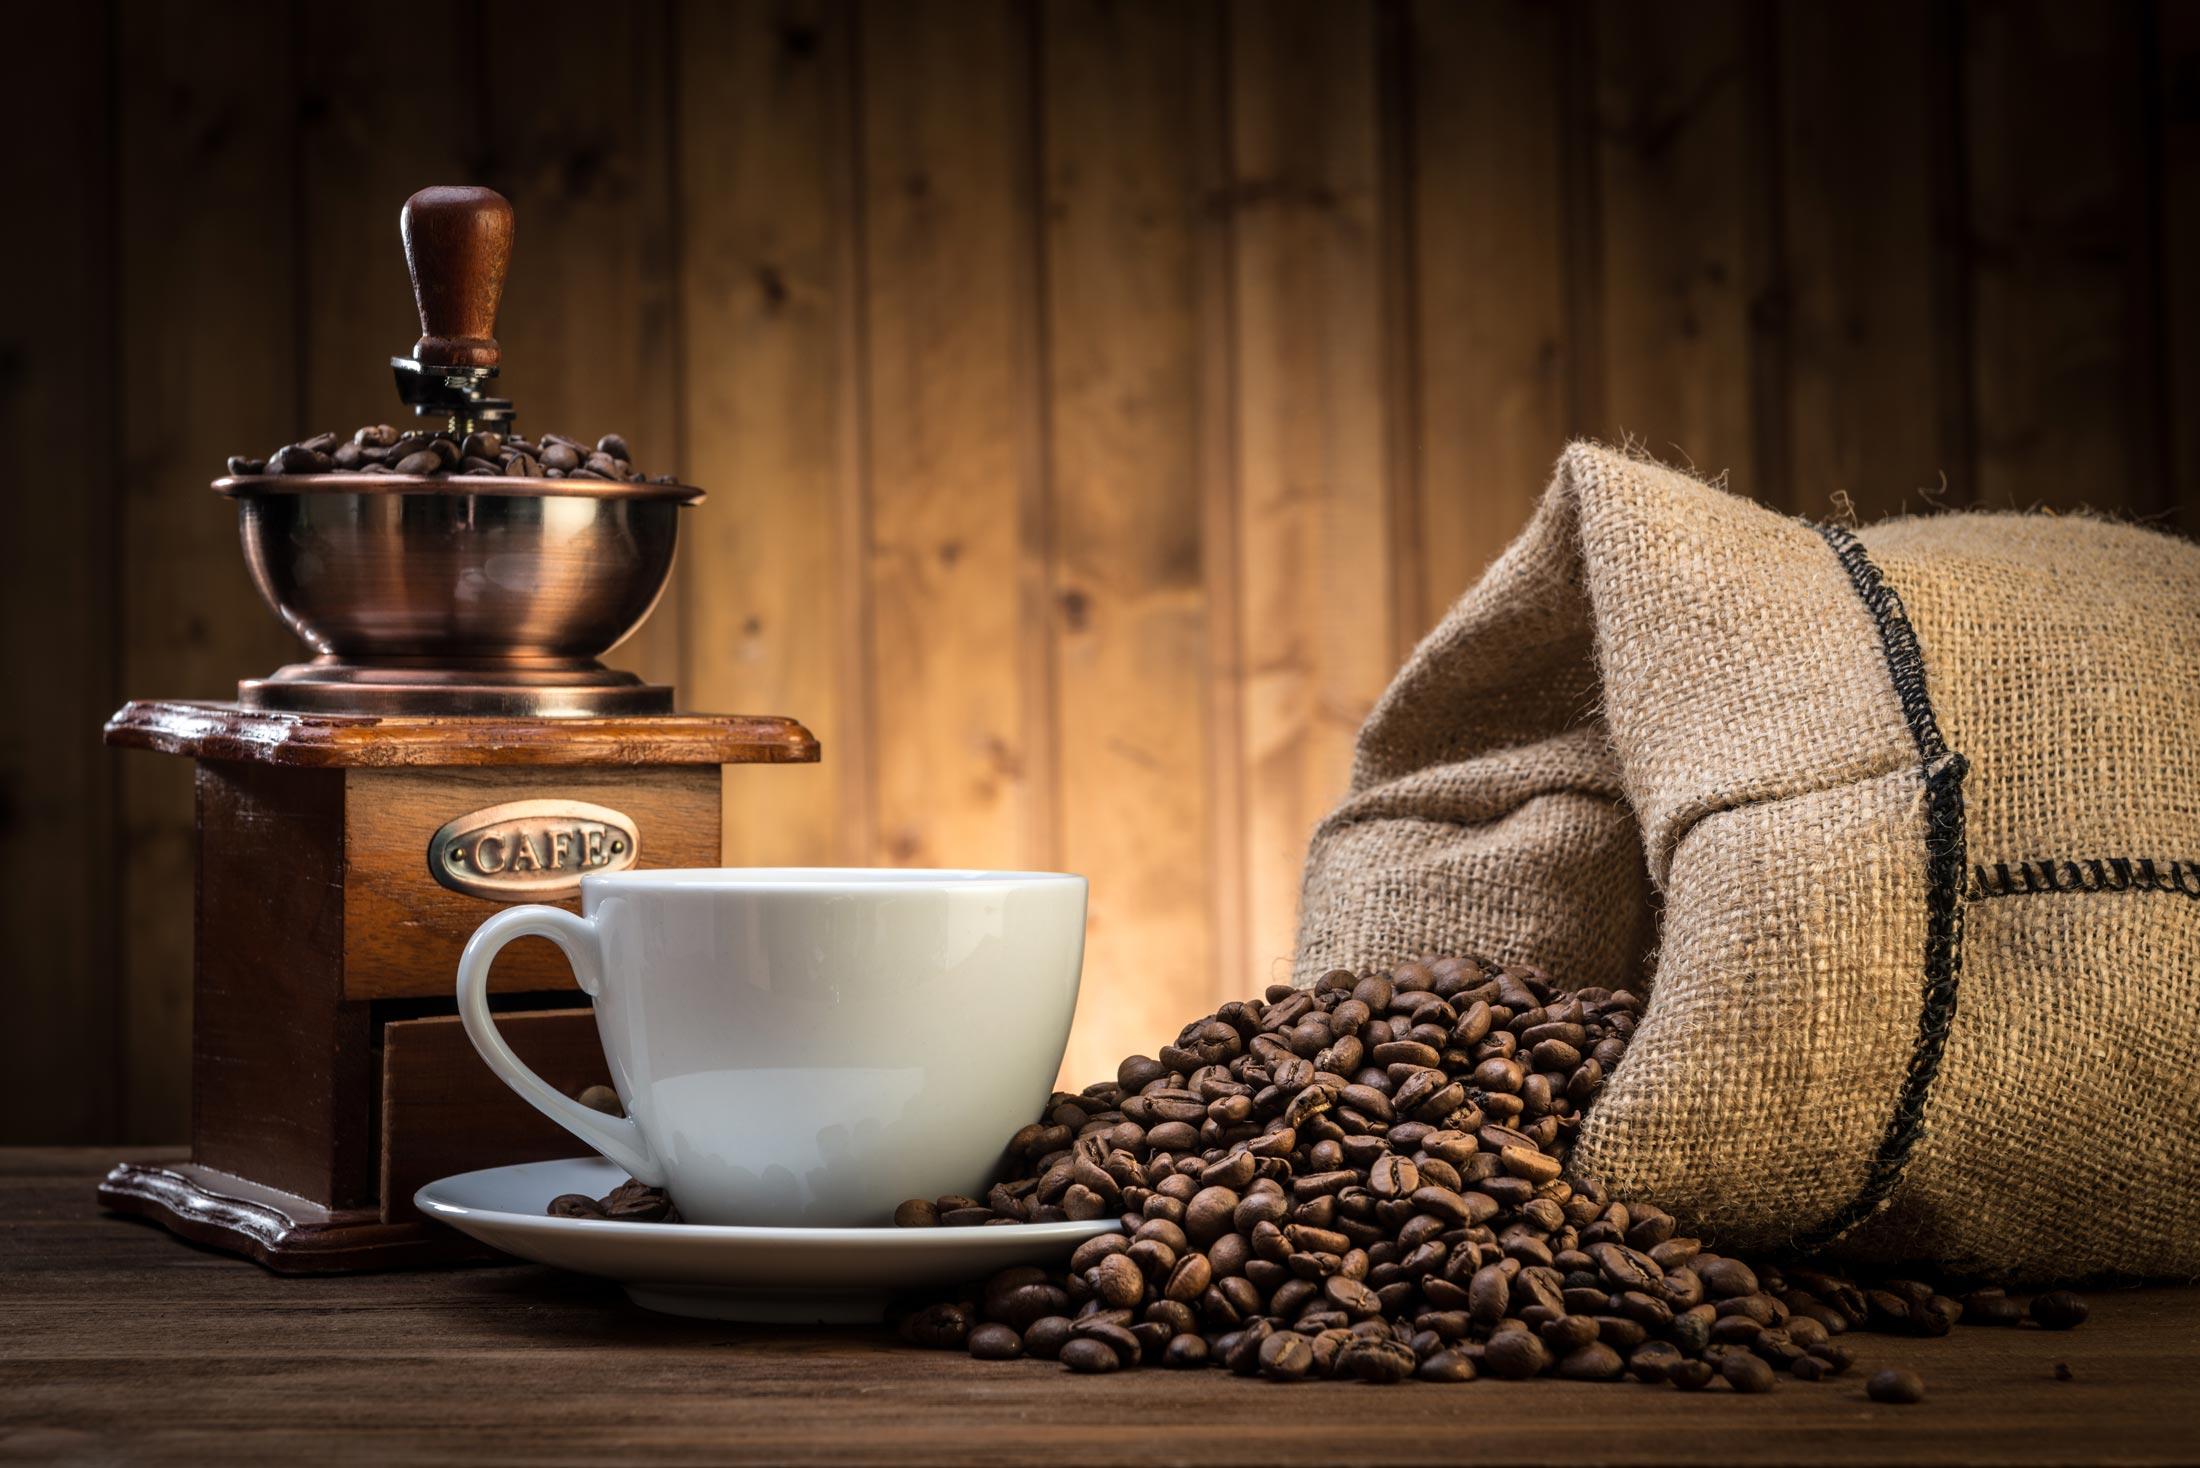 kaffeebohnen_hintergrund_tasse